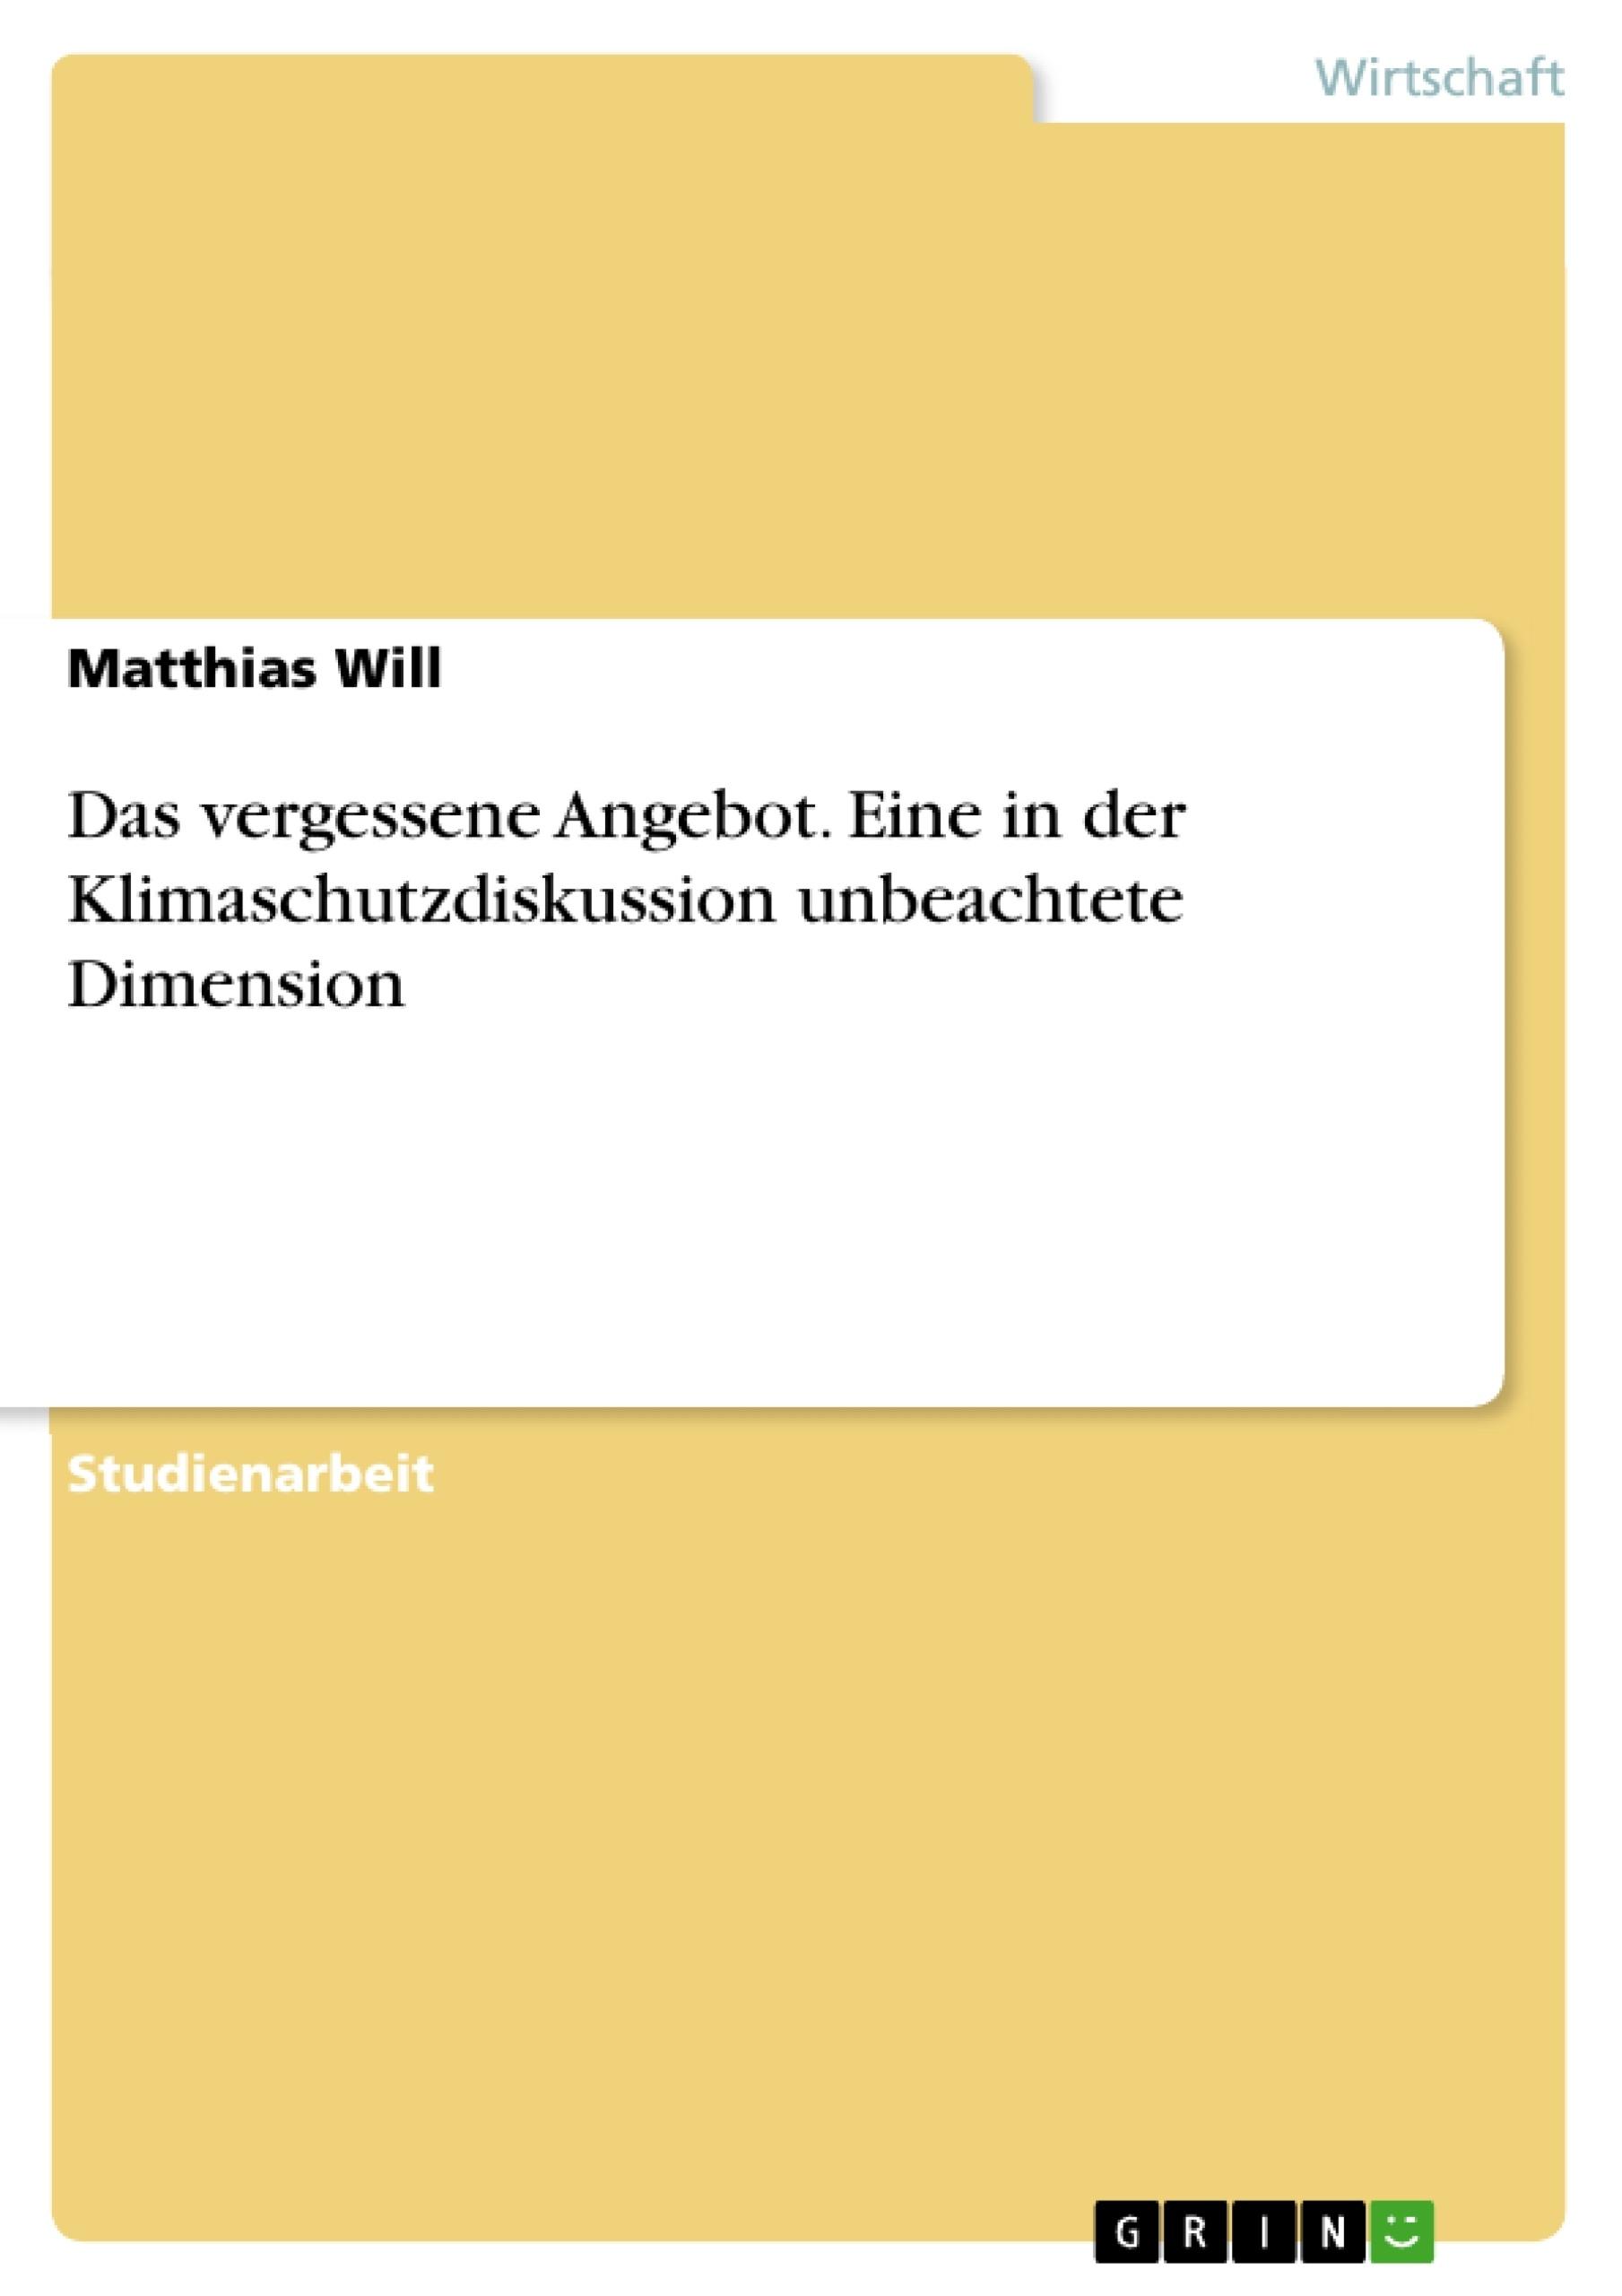 Titel: Das vergessene Angebot. Eine in der Klimaschutzdiskussion unbeachtete Dimension